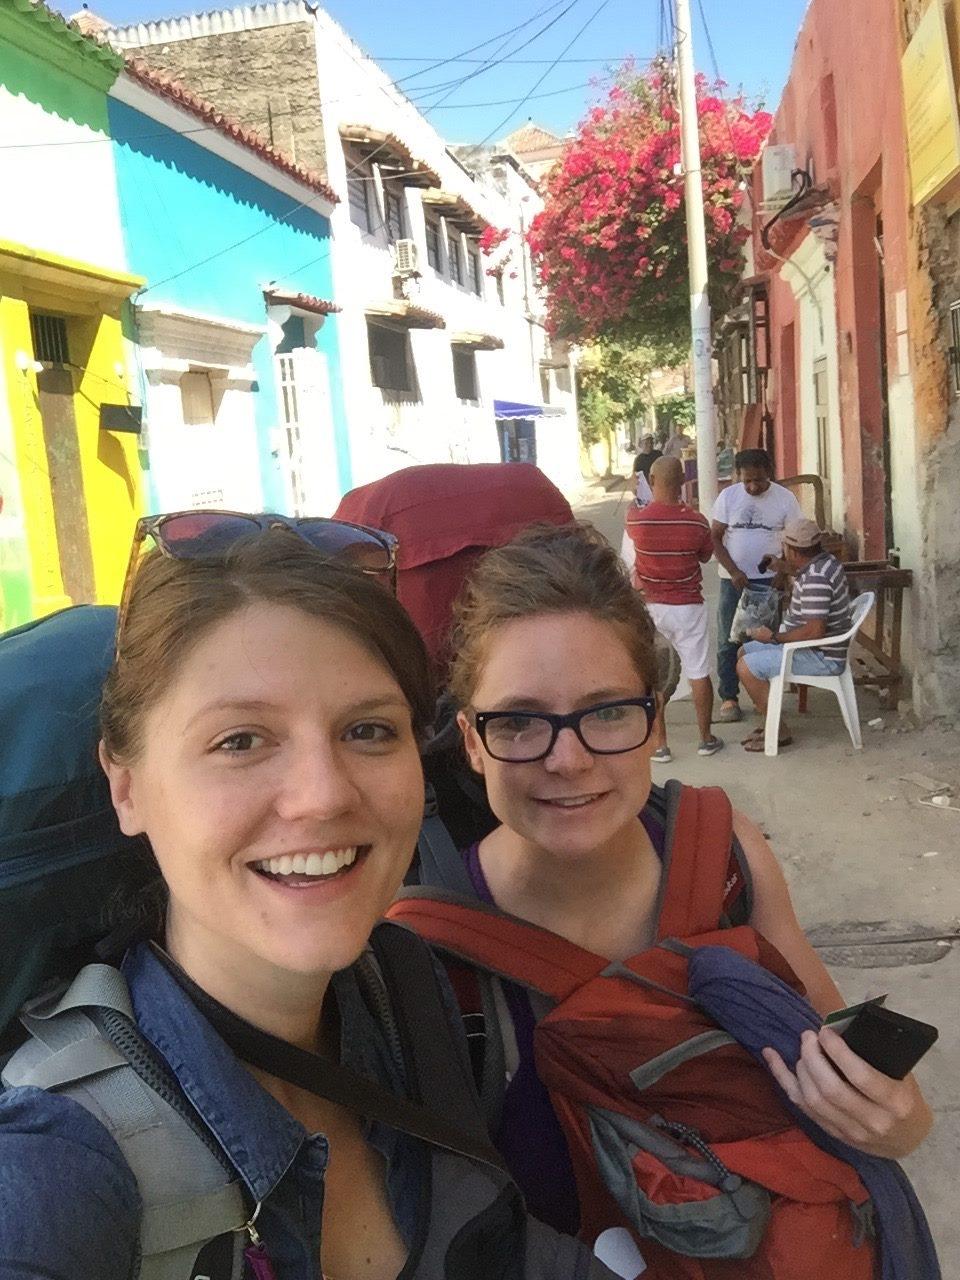 Jolein & I leaving Cartagena for the next destination - Palomino, Santa Marta & the Lost City (La Ciudad Perdida).